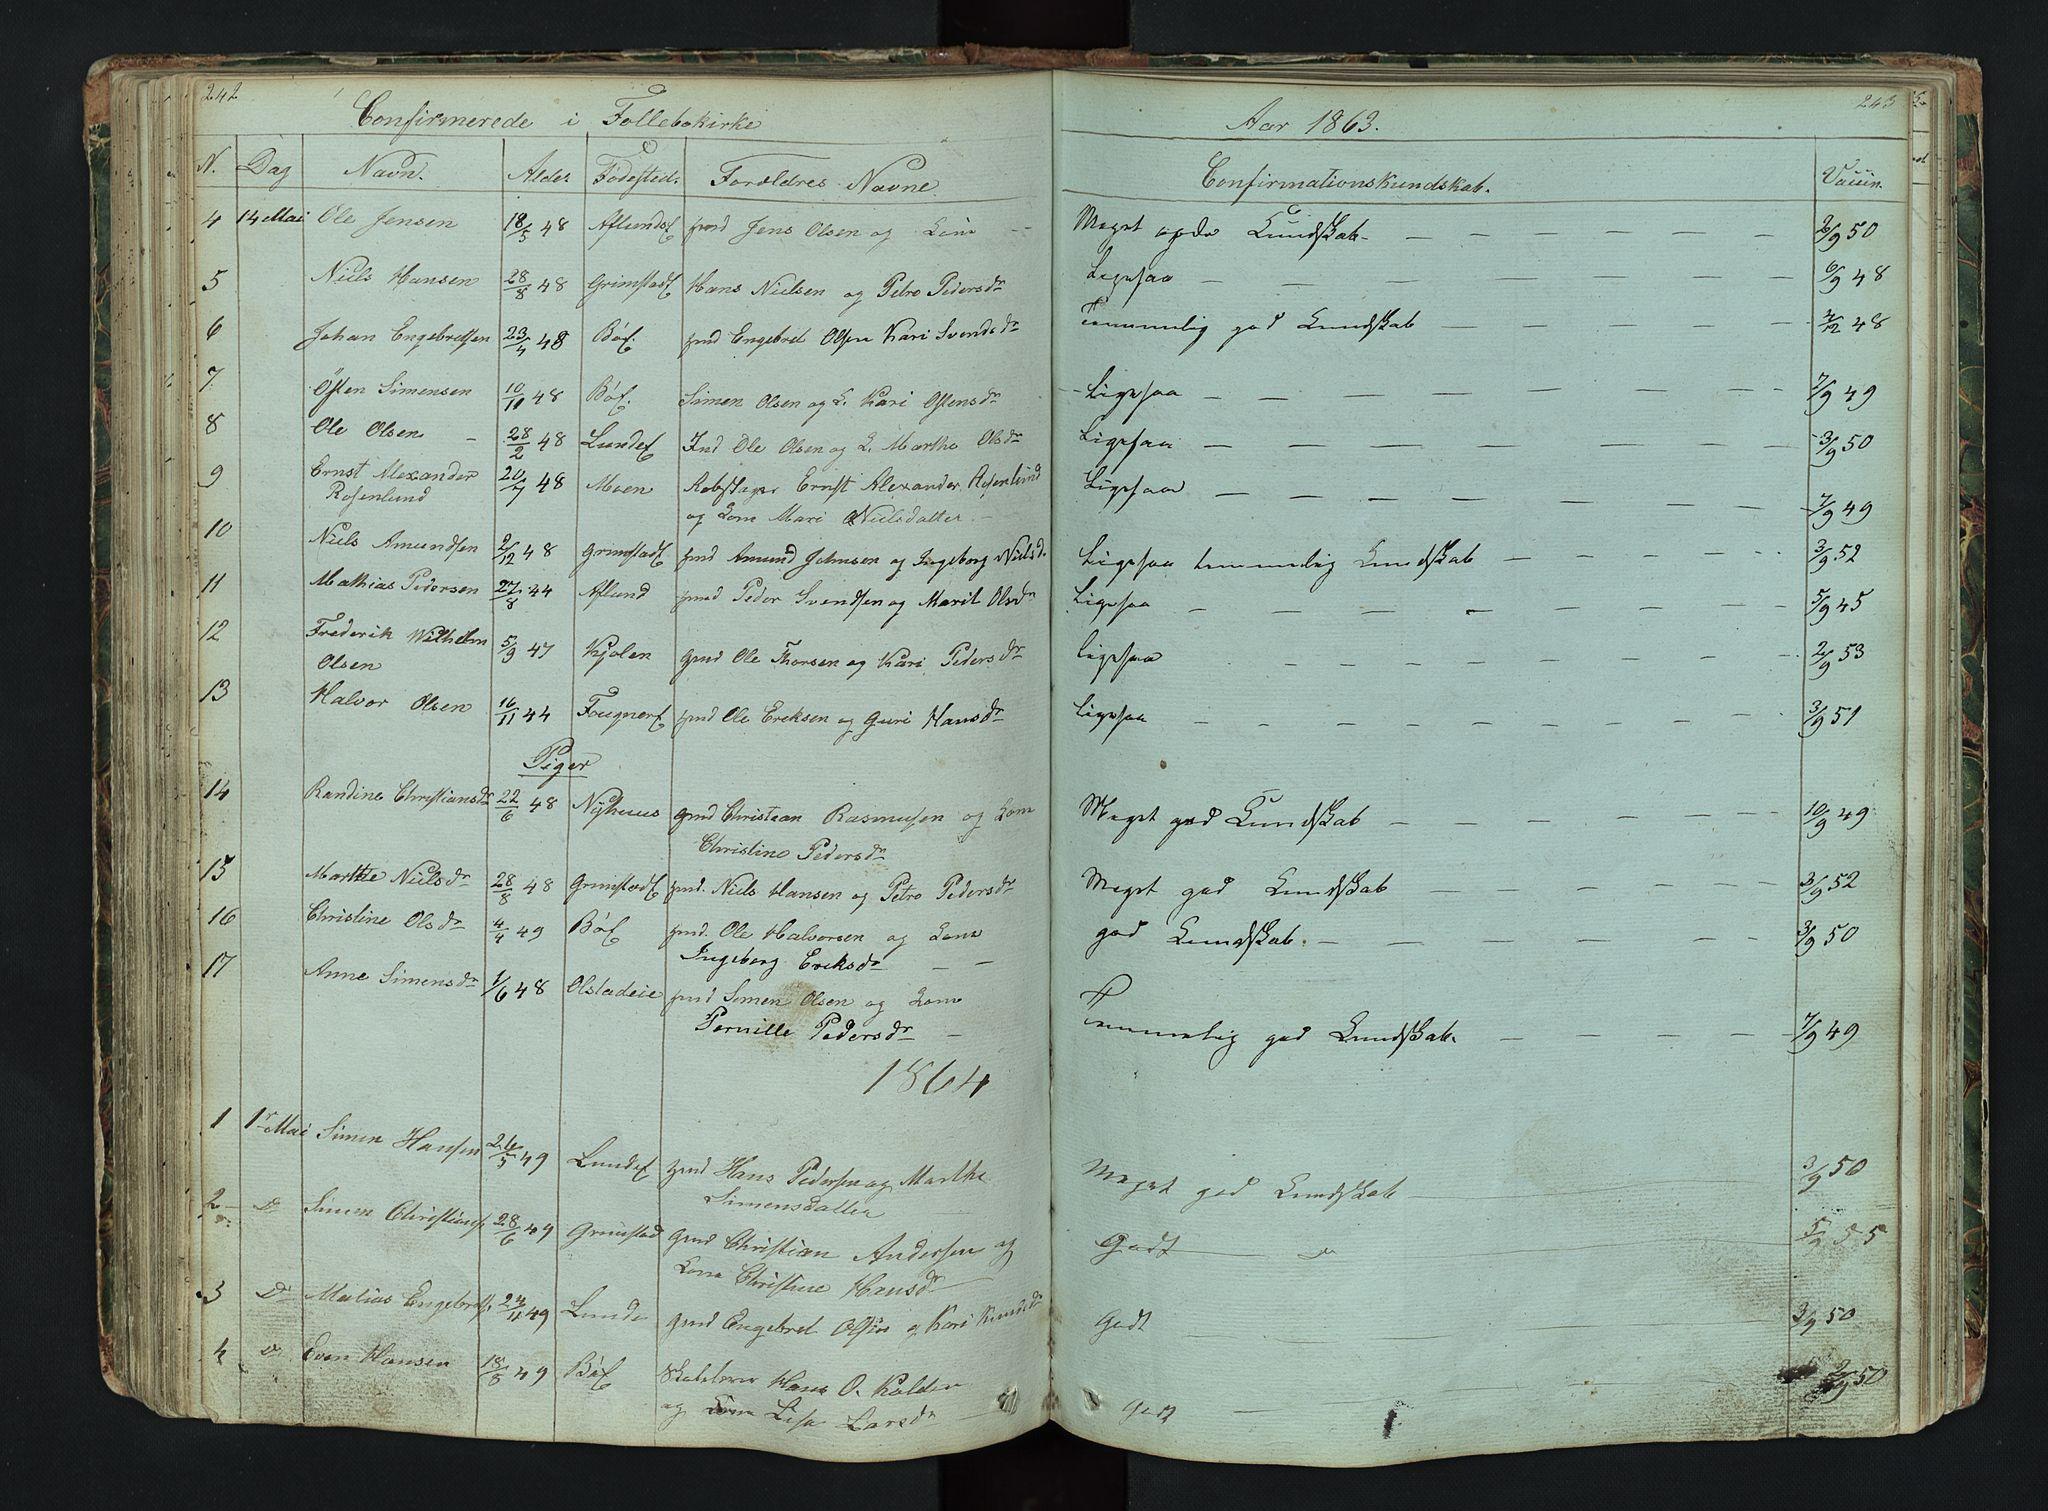 SAH, Gausdal prestekontor, Klokkerbok nr. 6, 1846-1893, s. 242-243